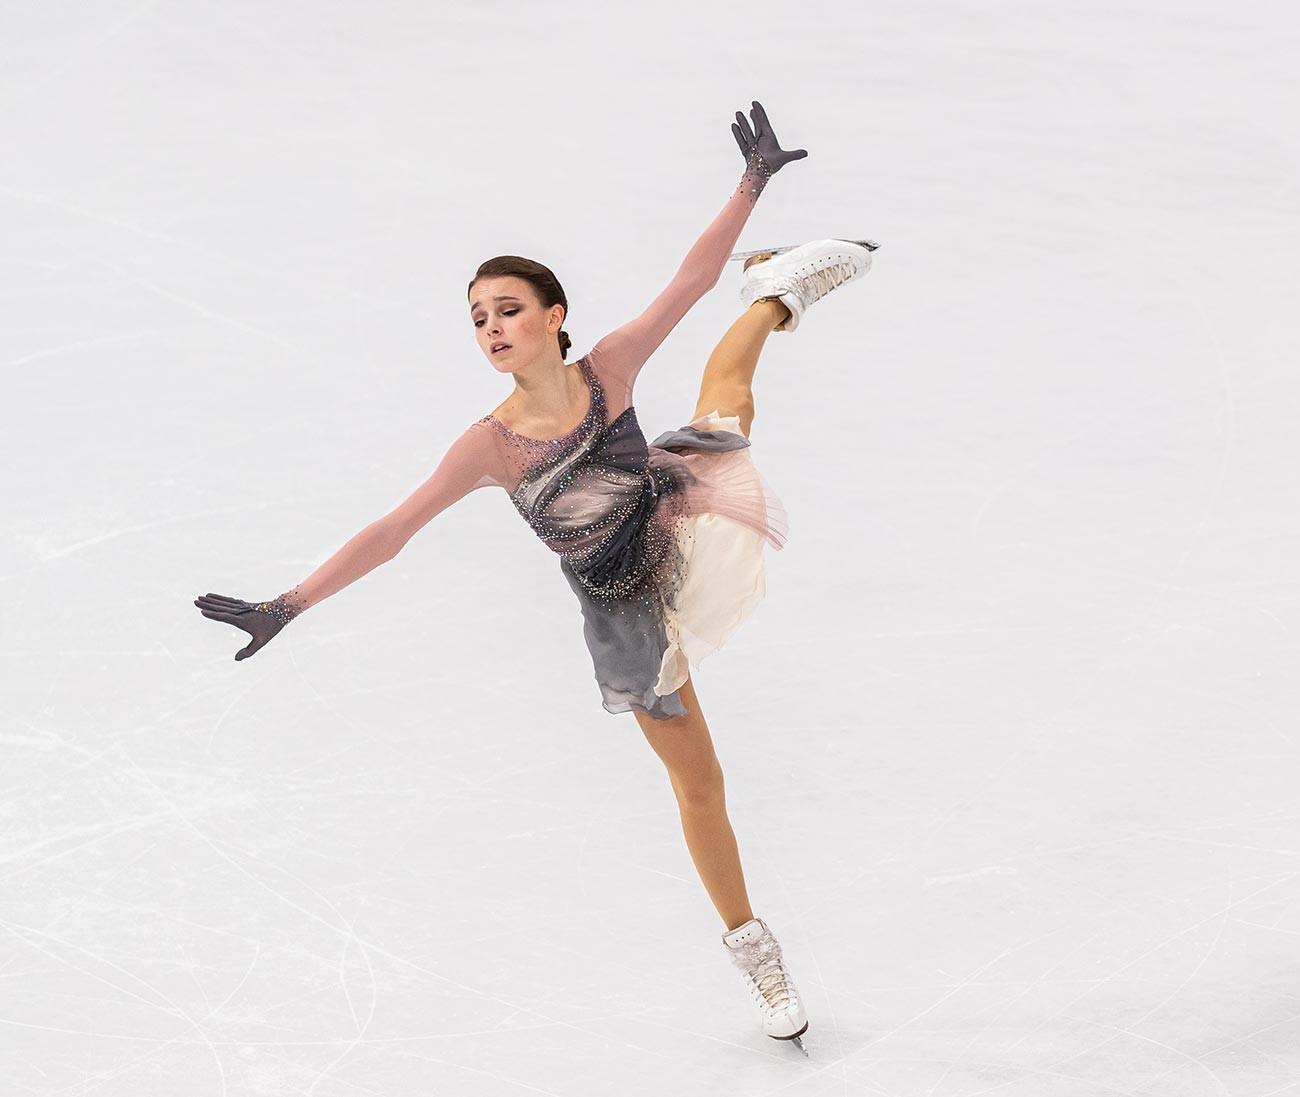 Anna Shcherbakova ai Campionati del Mondo di Stoccolma, 26 marzo 2021